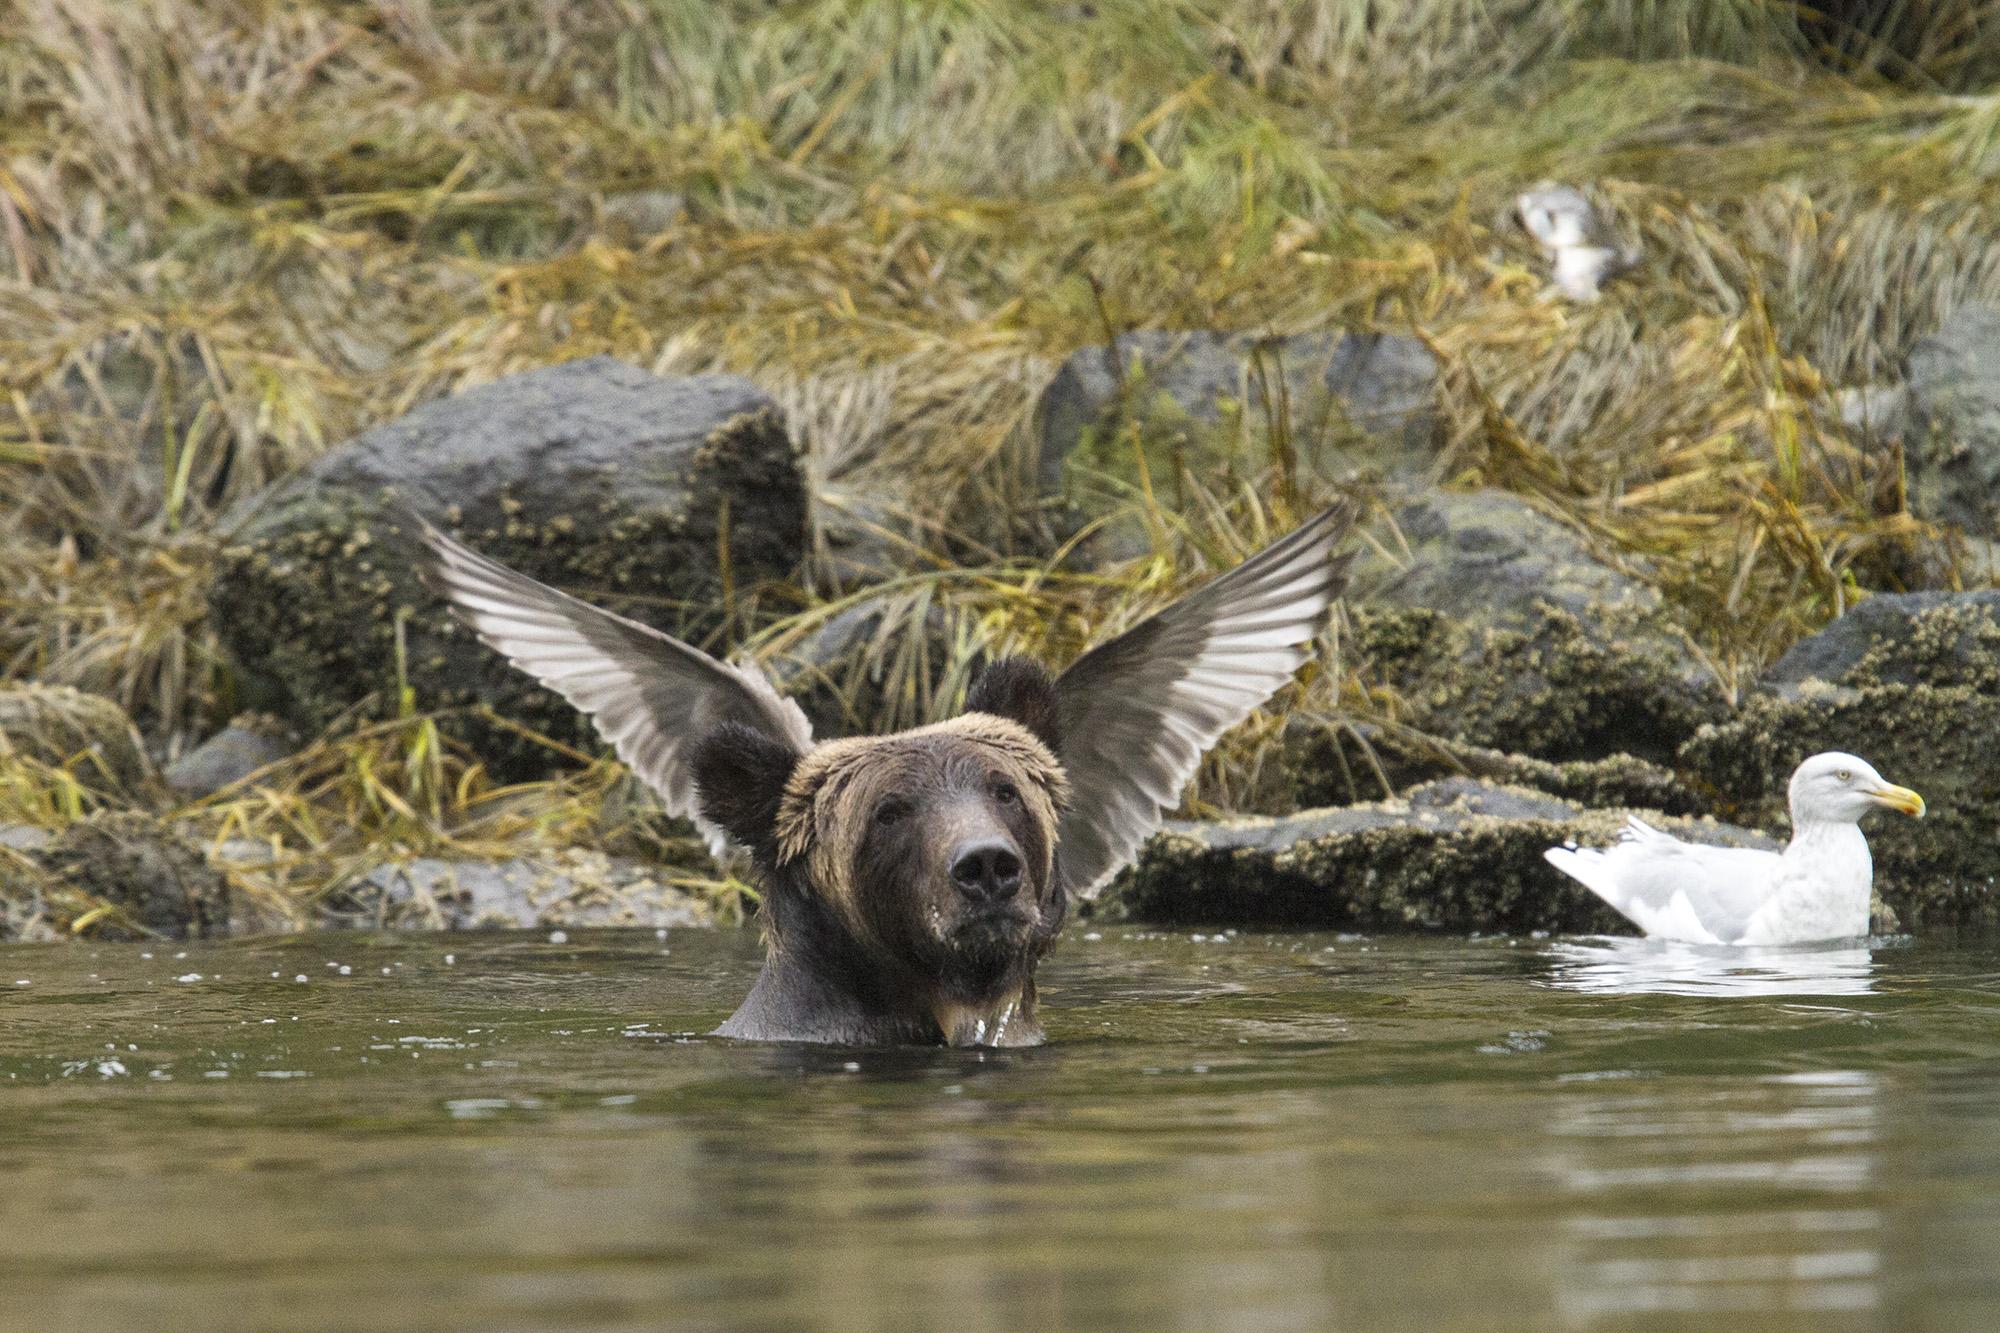 Mια αρσενική αρκούδα απέκτησε φτερά χάρη στον Adam Parsons που την απαθανάτισε την κατάλληλη στιγμή στο δάσος του Καναδά. Φωτογραφία: The Comedy Wildlife Photography Awards.